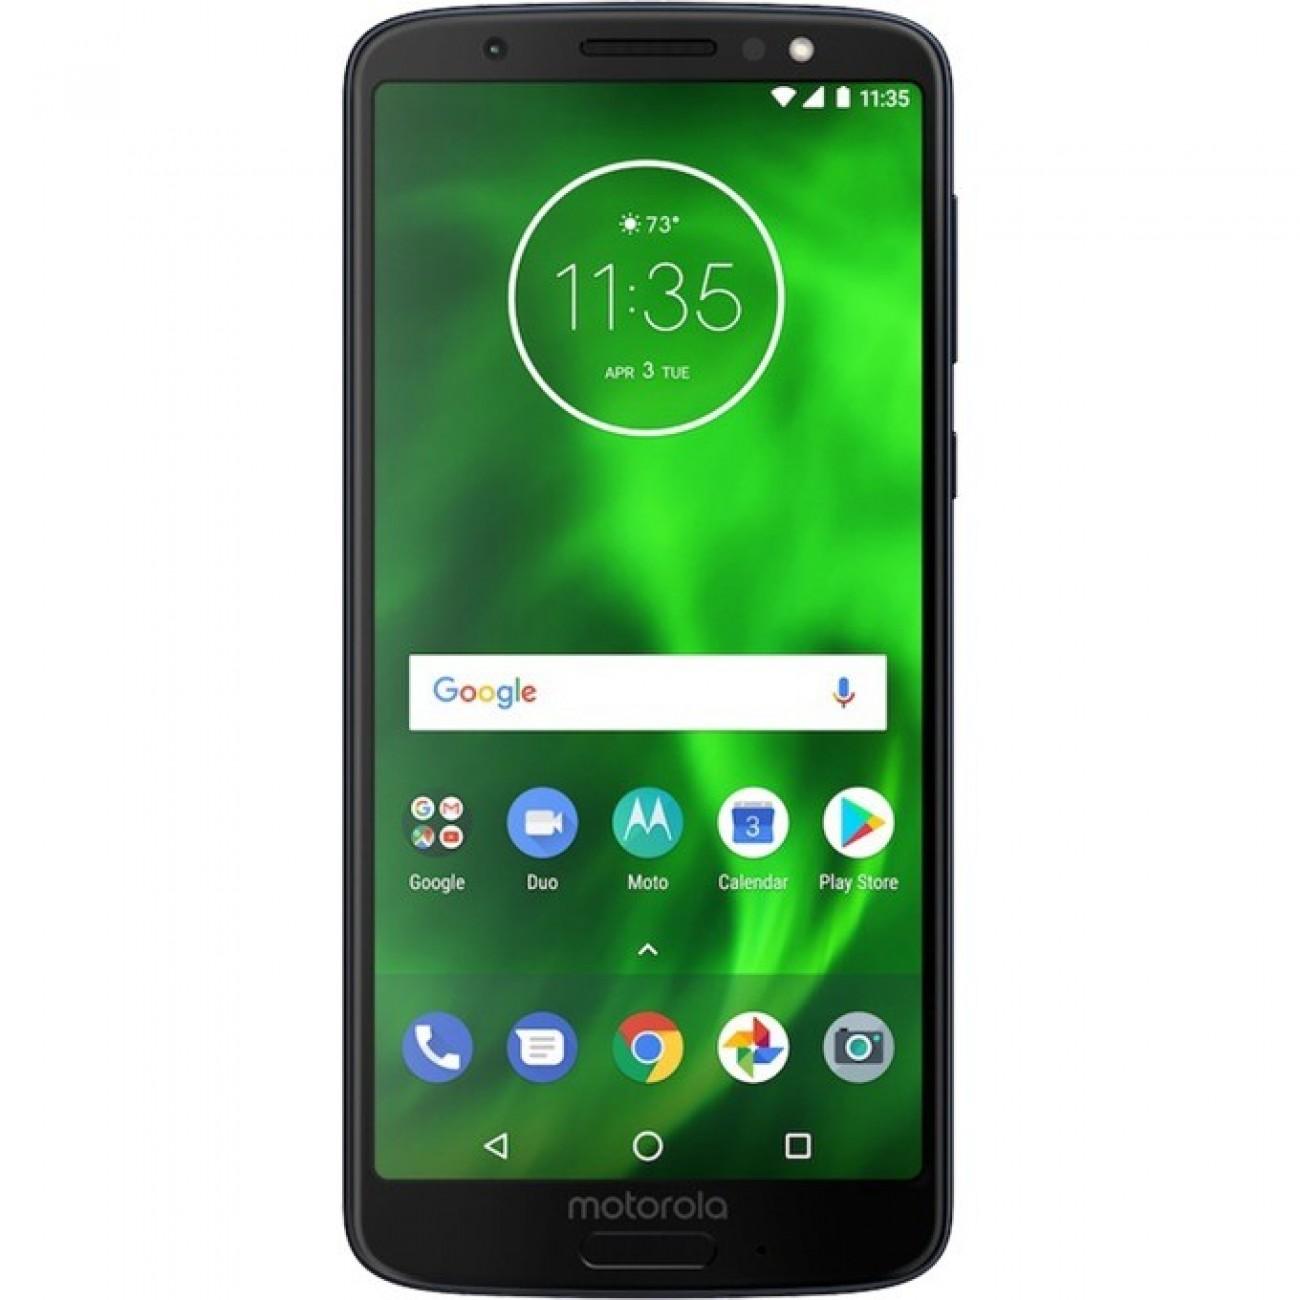 Motorola Moto G6 Plus (черен), поддържа 2 sim карти, 5.9 (14.98 cm) Full HD+ IPS дисплей, осемядрен Qualcomm Snapdragon 630 2,2 GHz, 4GB RAM, 64GB Flash памет (+ microSD слот), двойна основна камера 12.0 + 5 MPix и 8 MPix задна, Android, 167g в Мобилни те